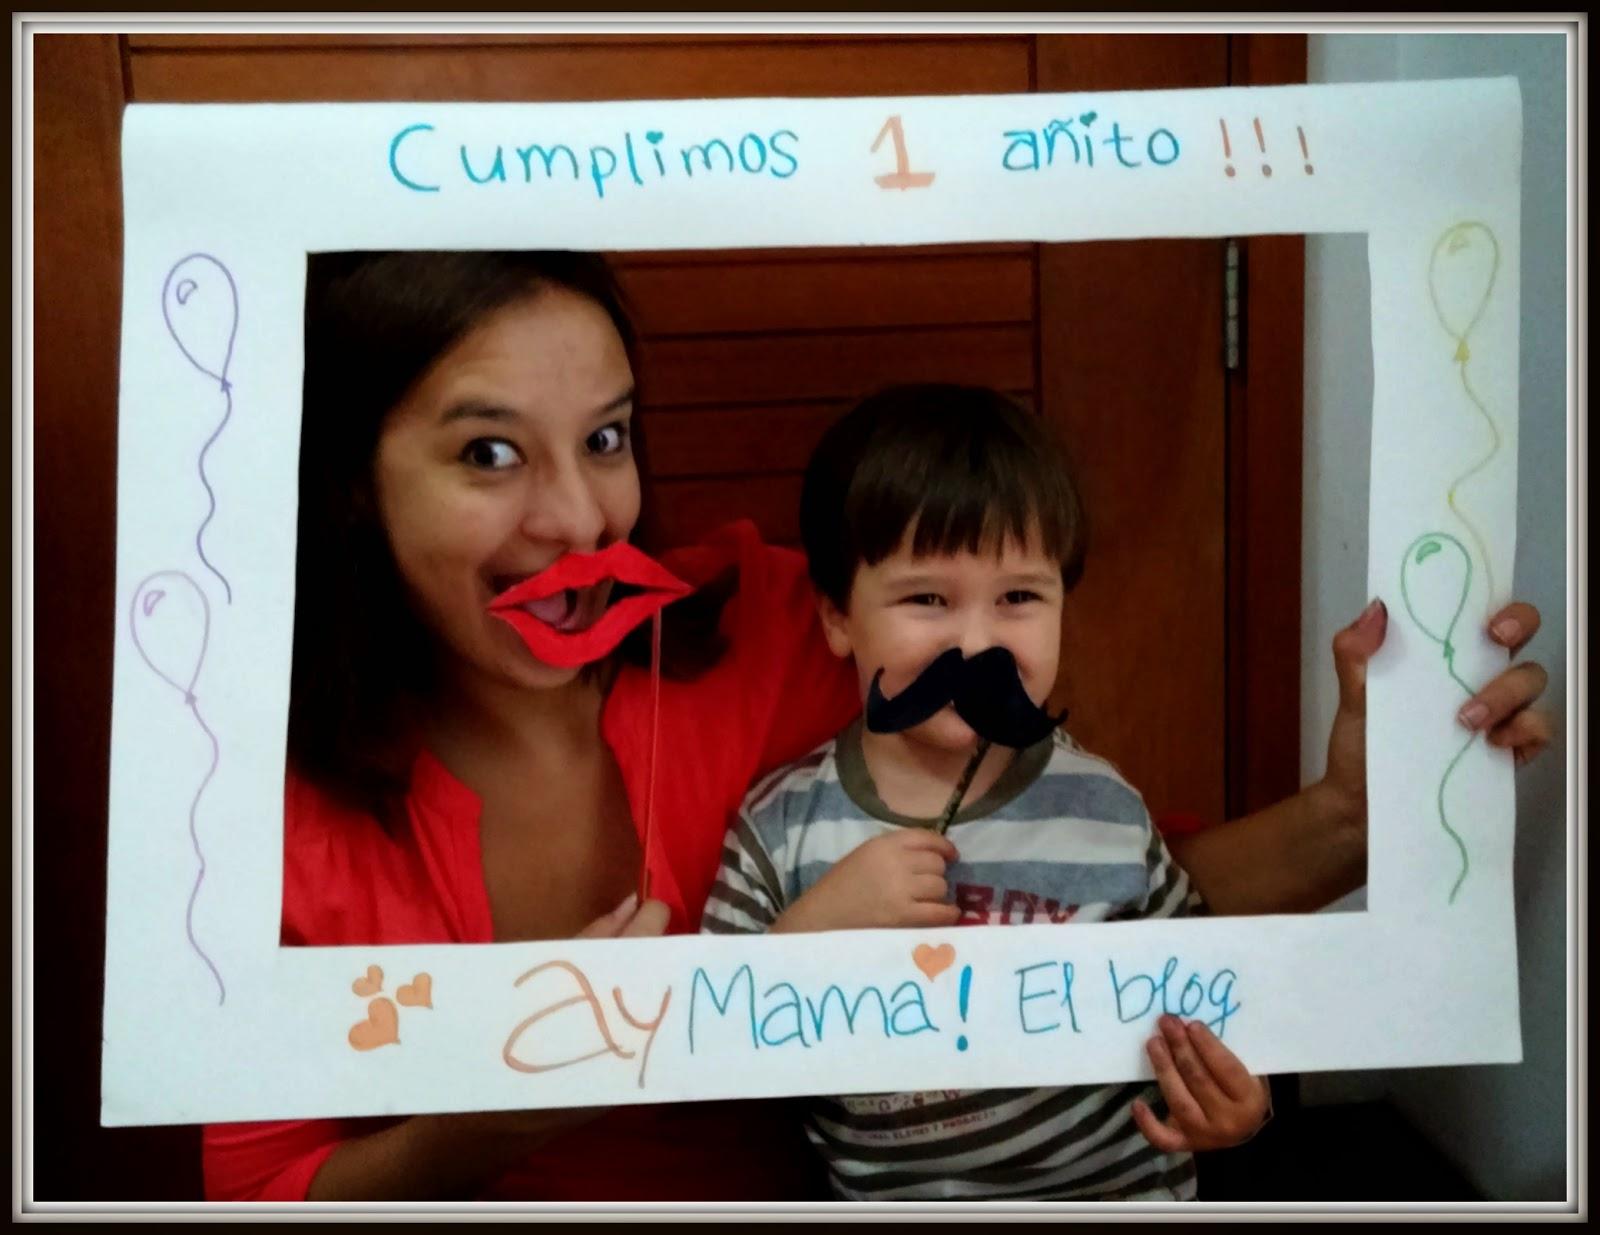 AyMAMÁ! El blog: DIY Marco gigante para fotos